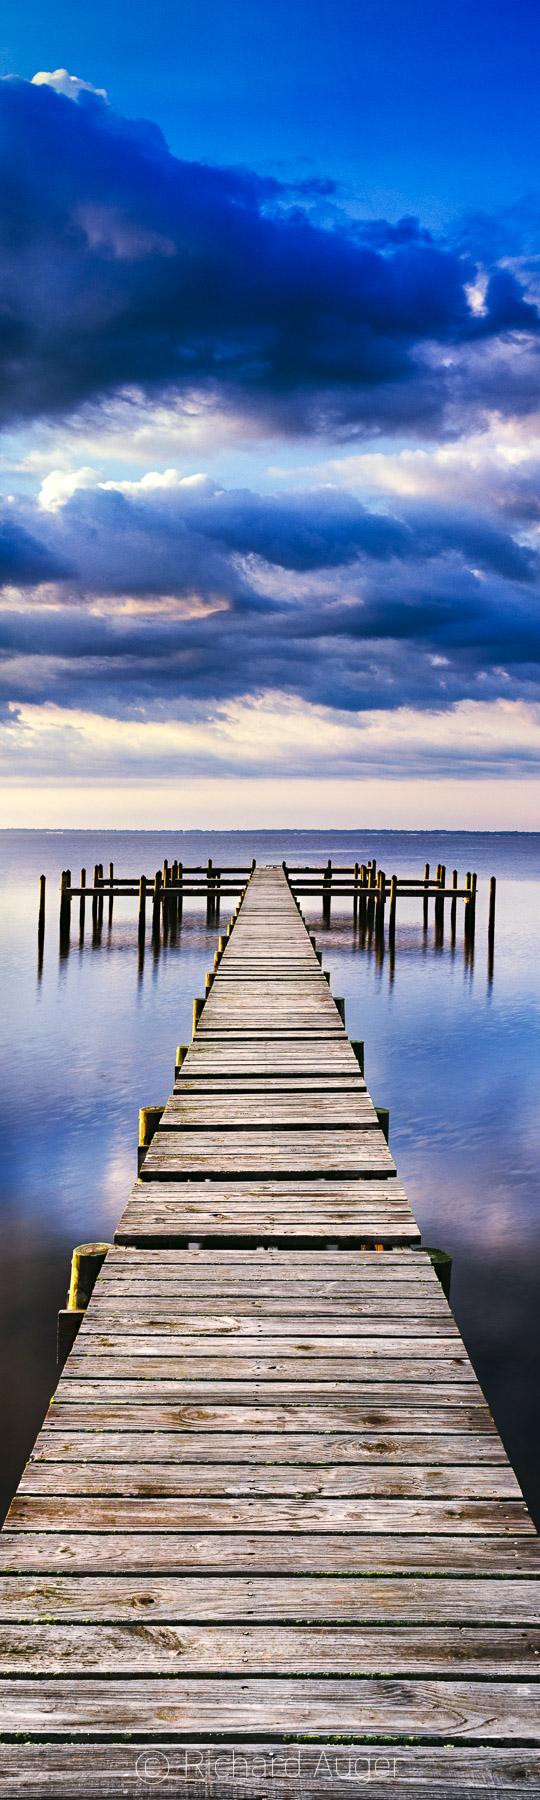 Dock, Florida Panhandle, Gulf Coast, Pilings, Panorama, Old Florida, Storm, Blues, Photograph, Vertical Panorama